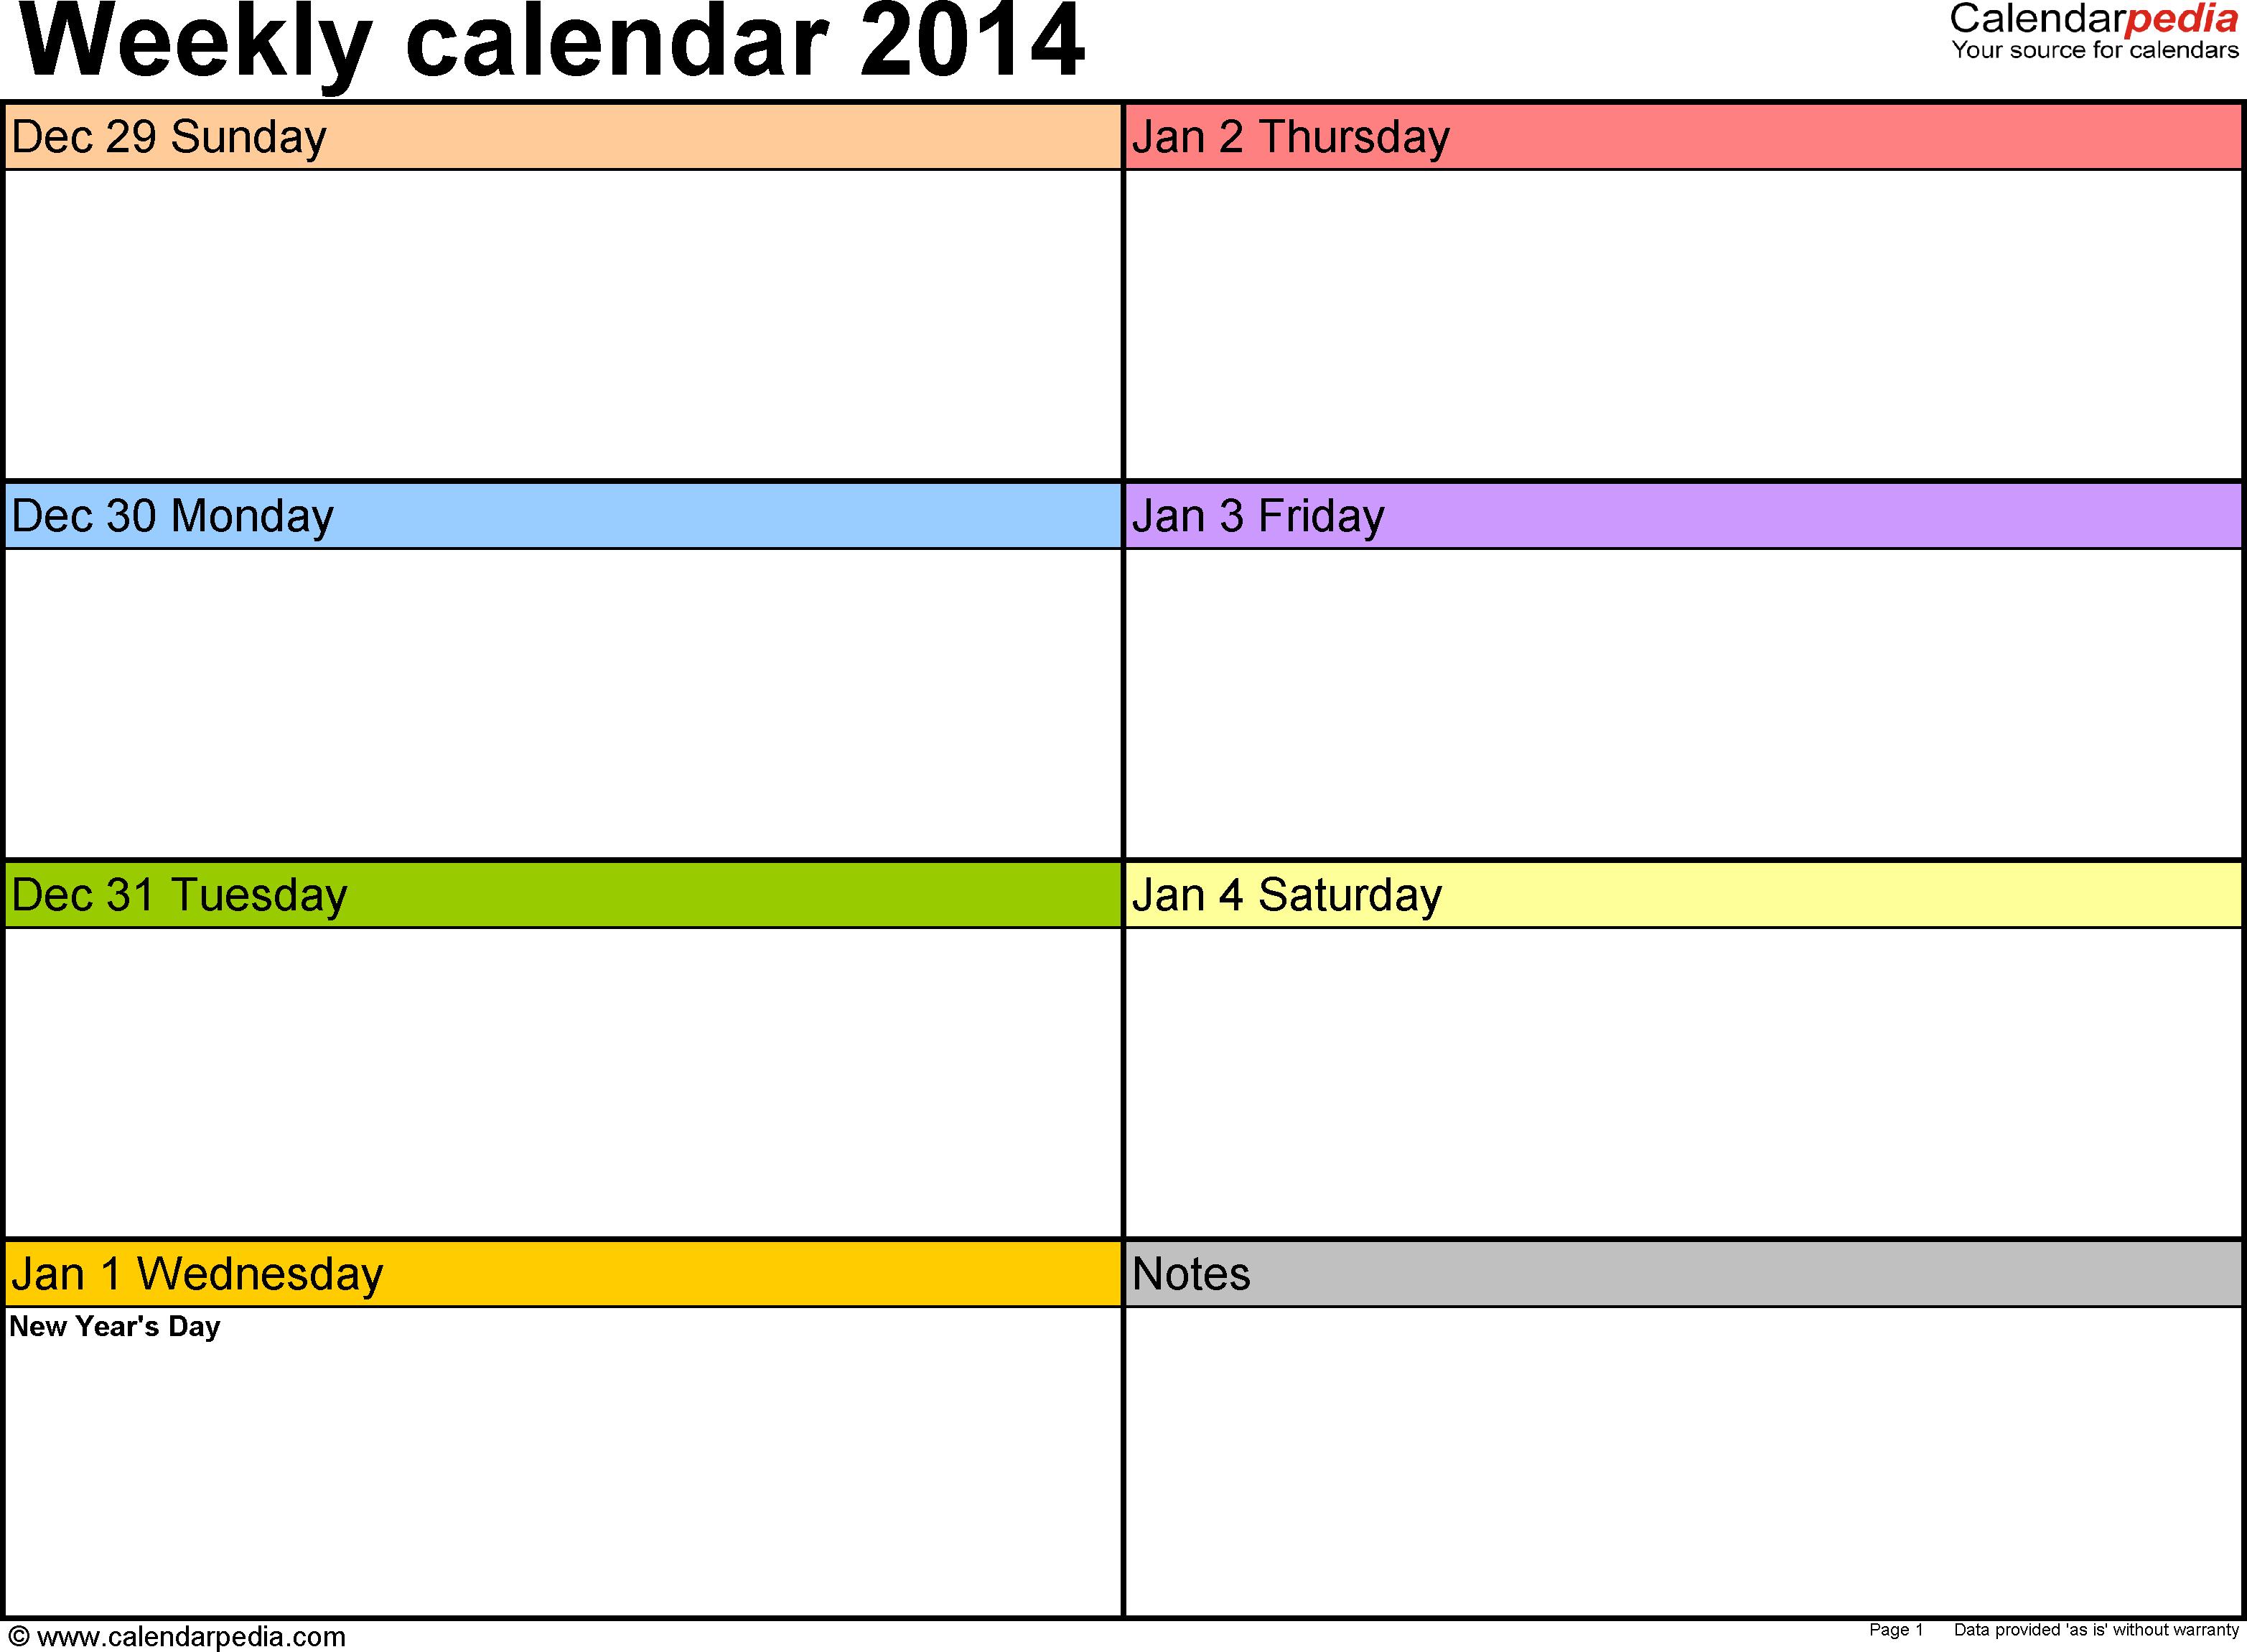 Weekly Calendar 2014 For Pdf - 4 Free Printable Templates inside 1 Week Blank Calendar Template